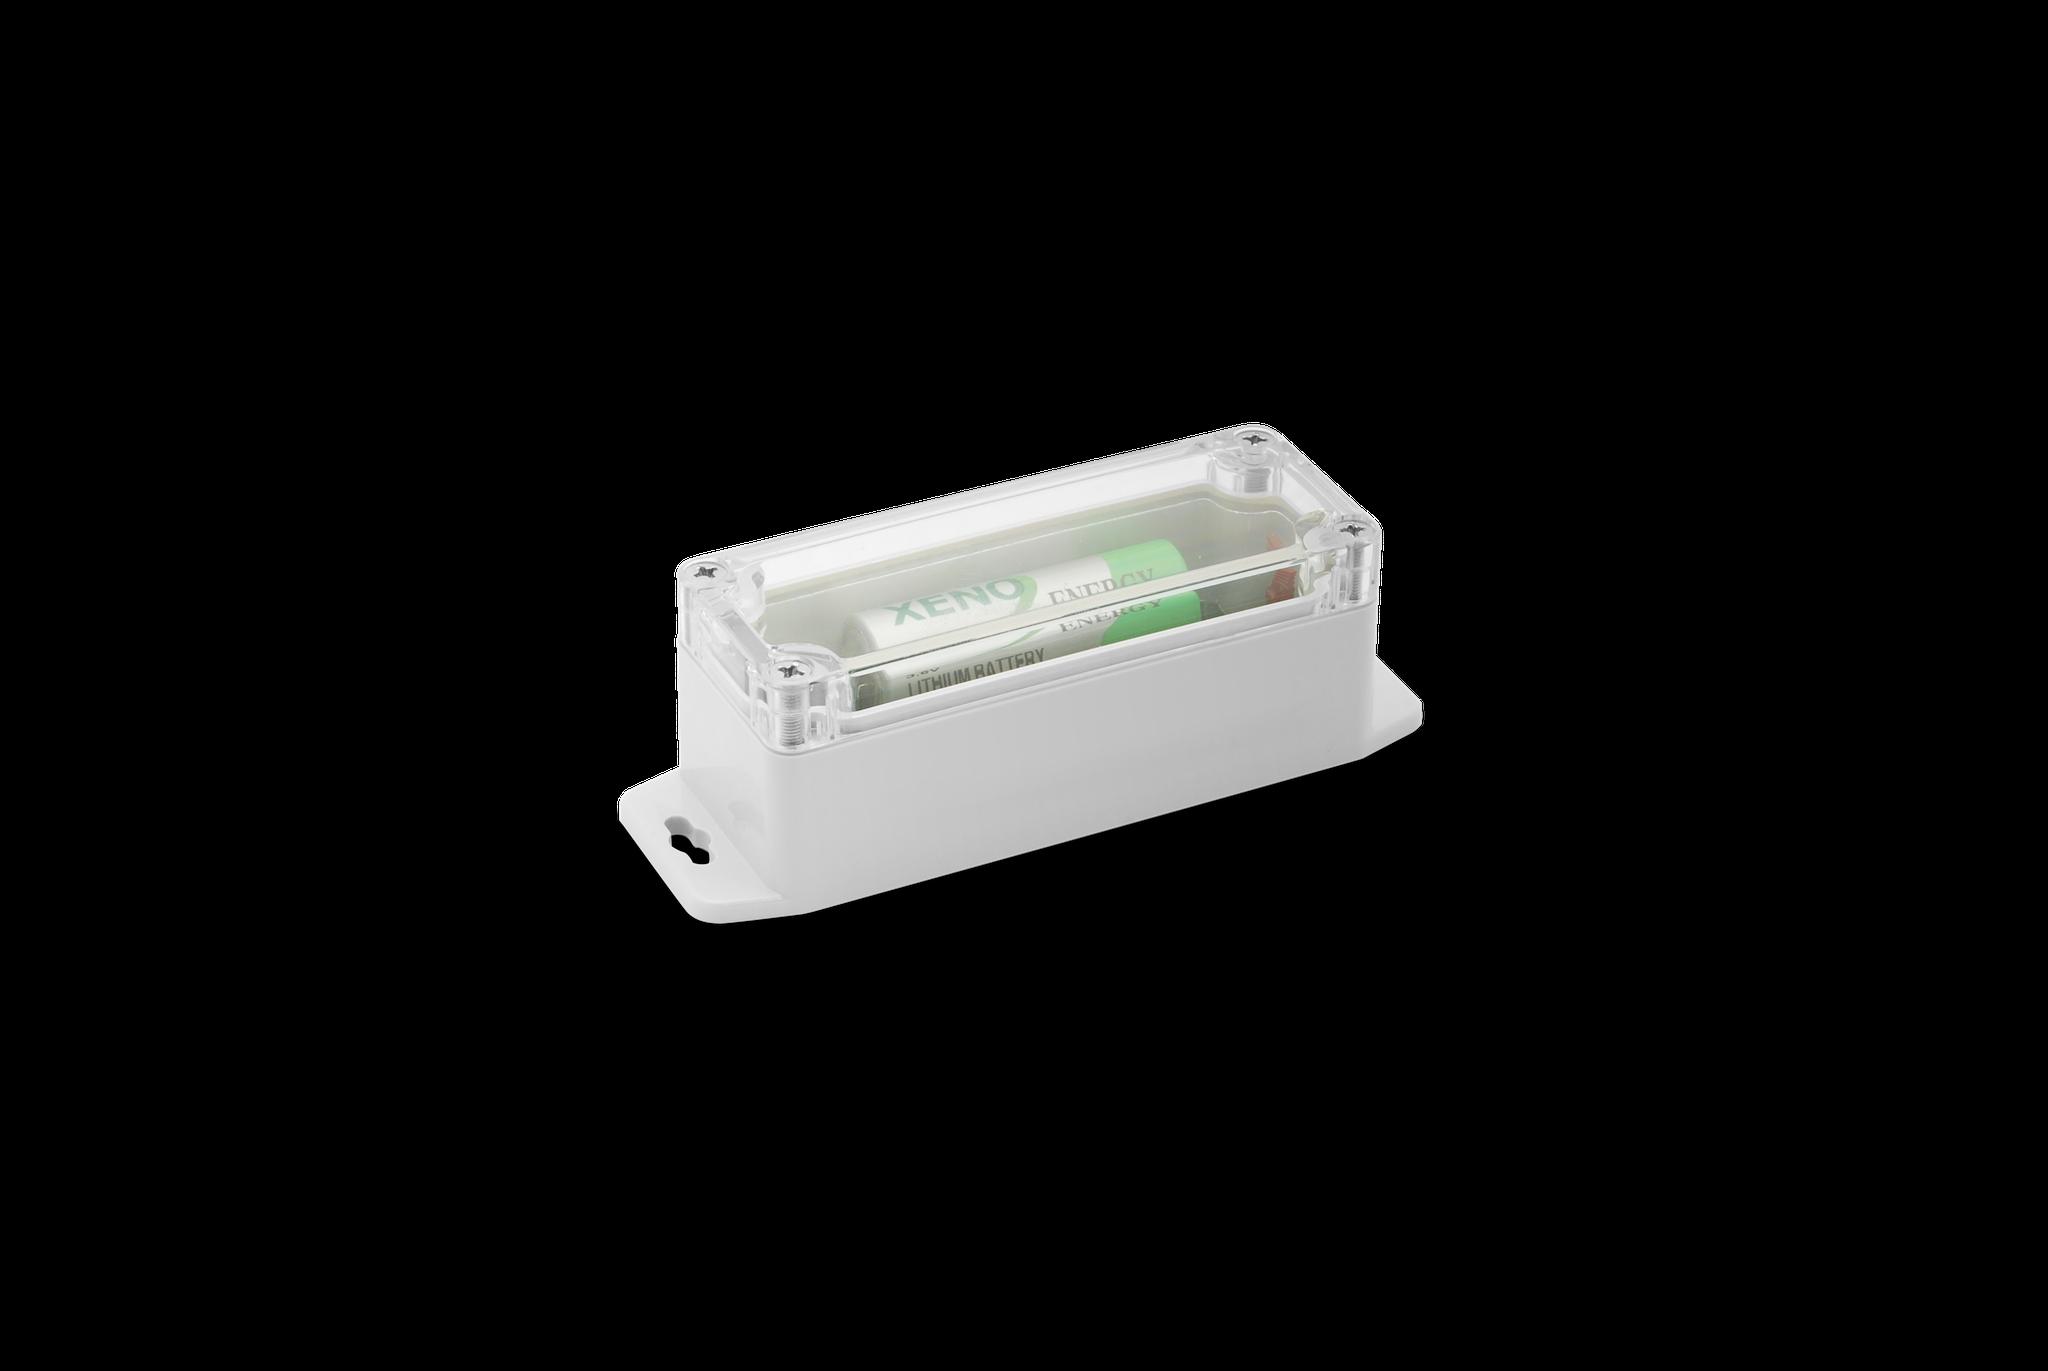 Autonomer Betrieb mit integrierter Batterie und Sensorik bis zu 10 Jahren